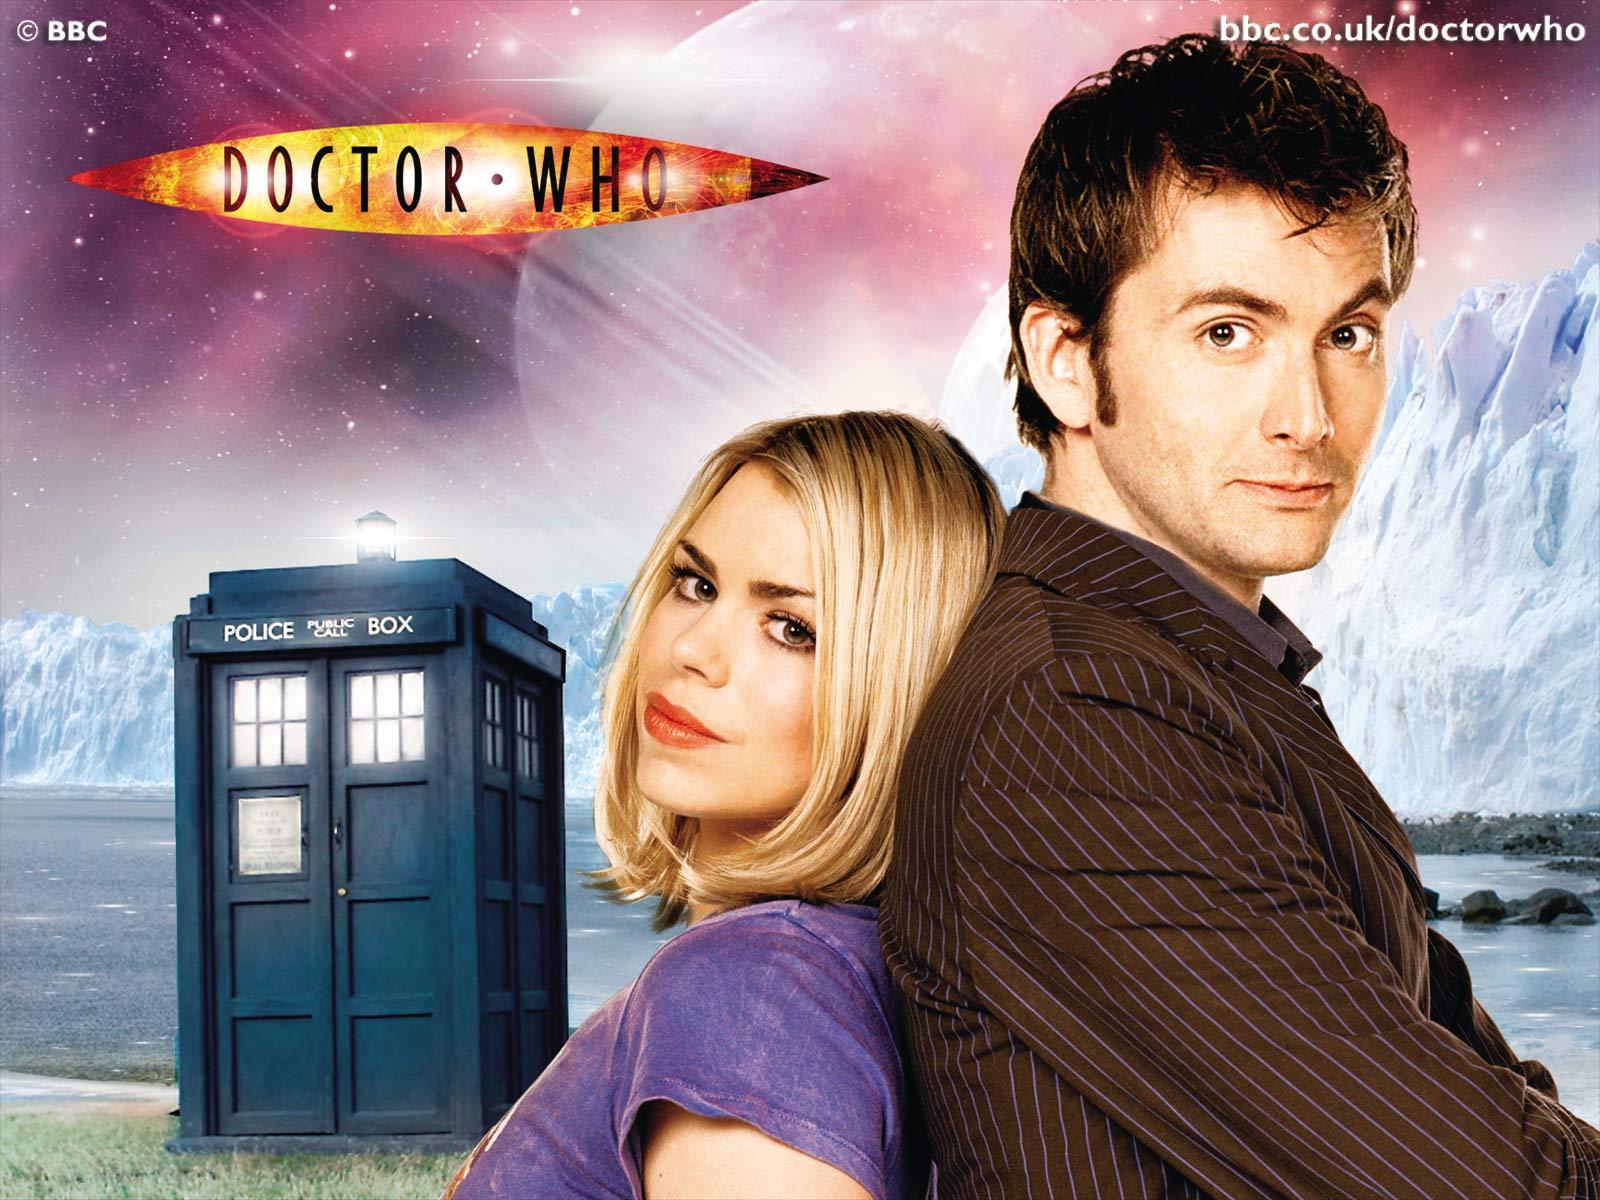 Топ 5 самых любимых эпизодов научно-фантастического сериала Доктор Кто, поехал!  5 место.Огни Помпей. Доктор со свое .... - Изображение 2